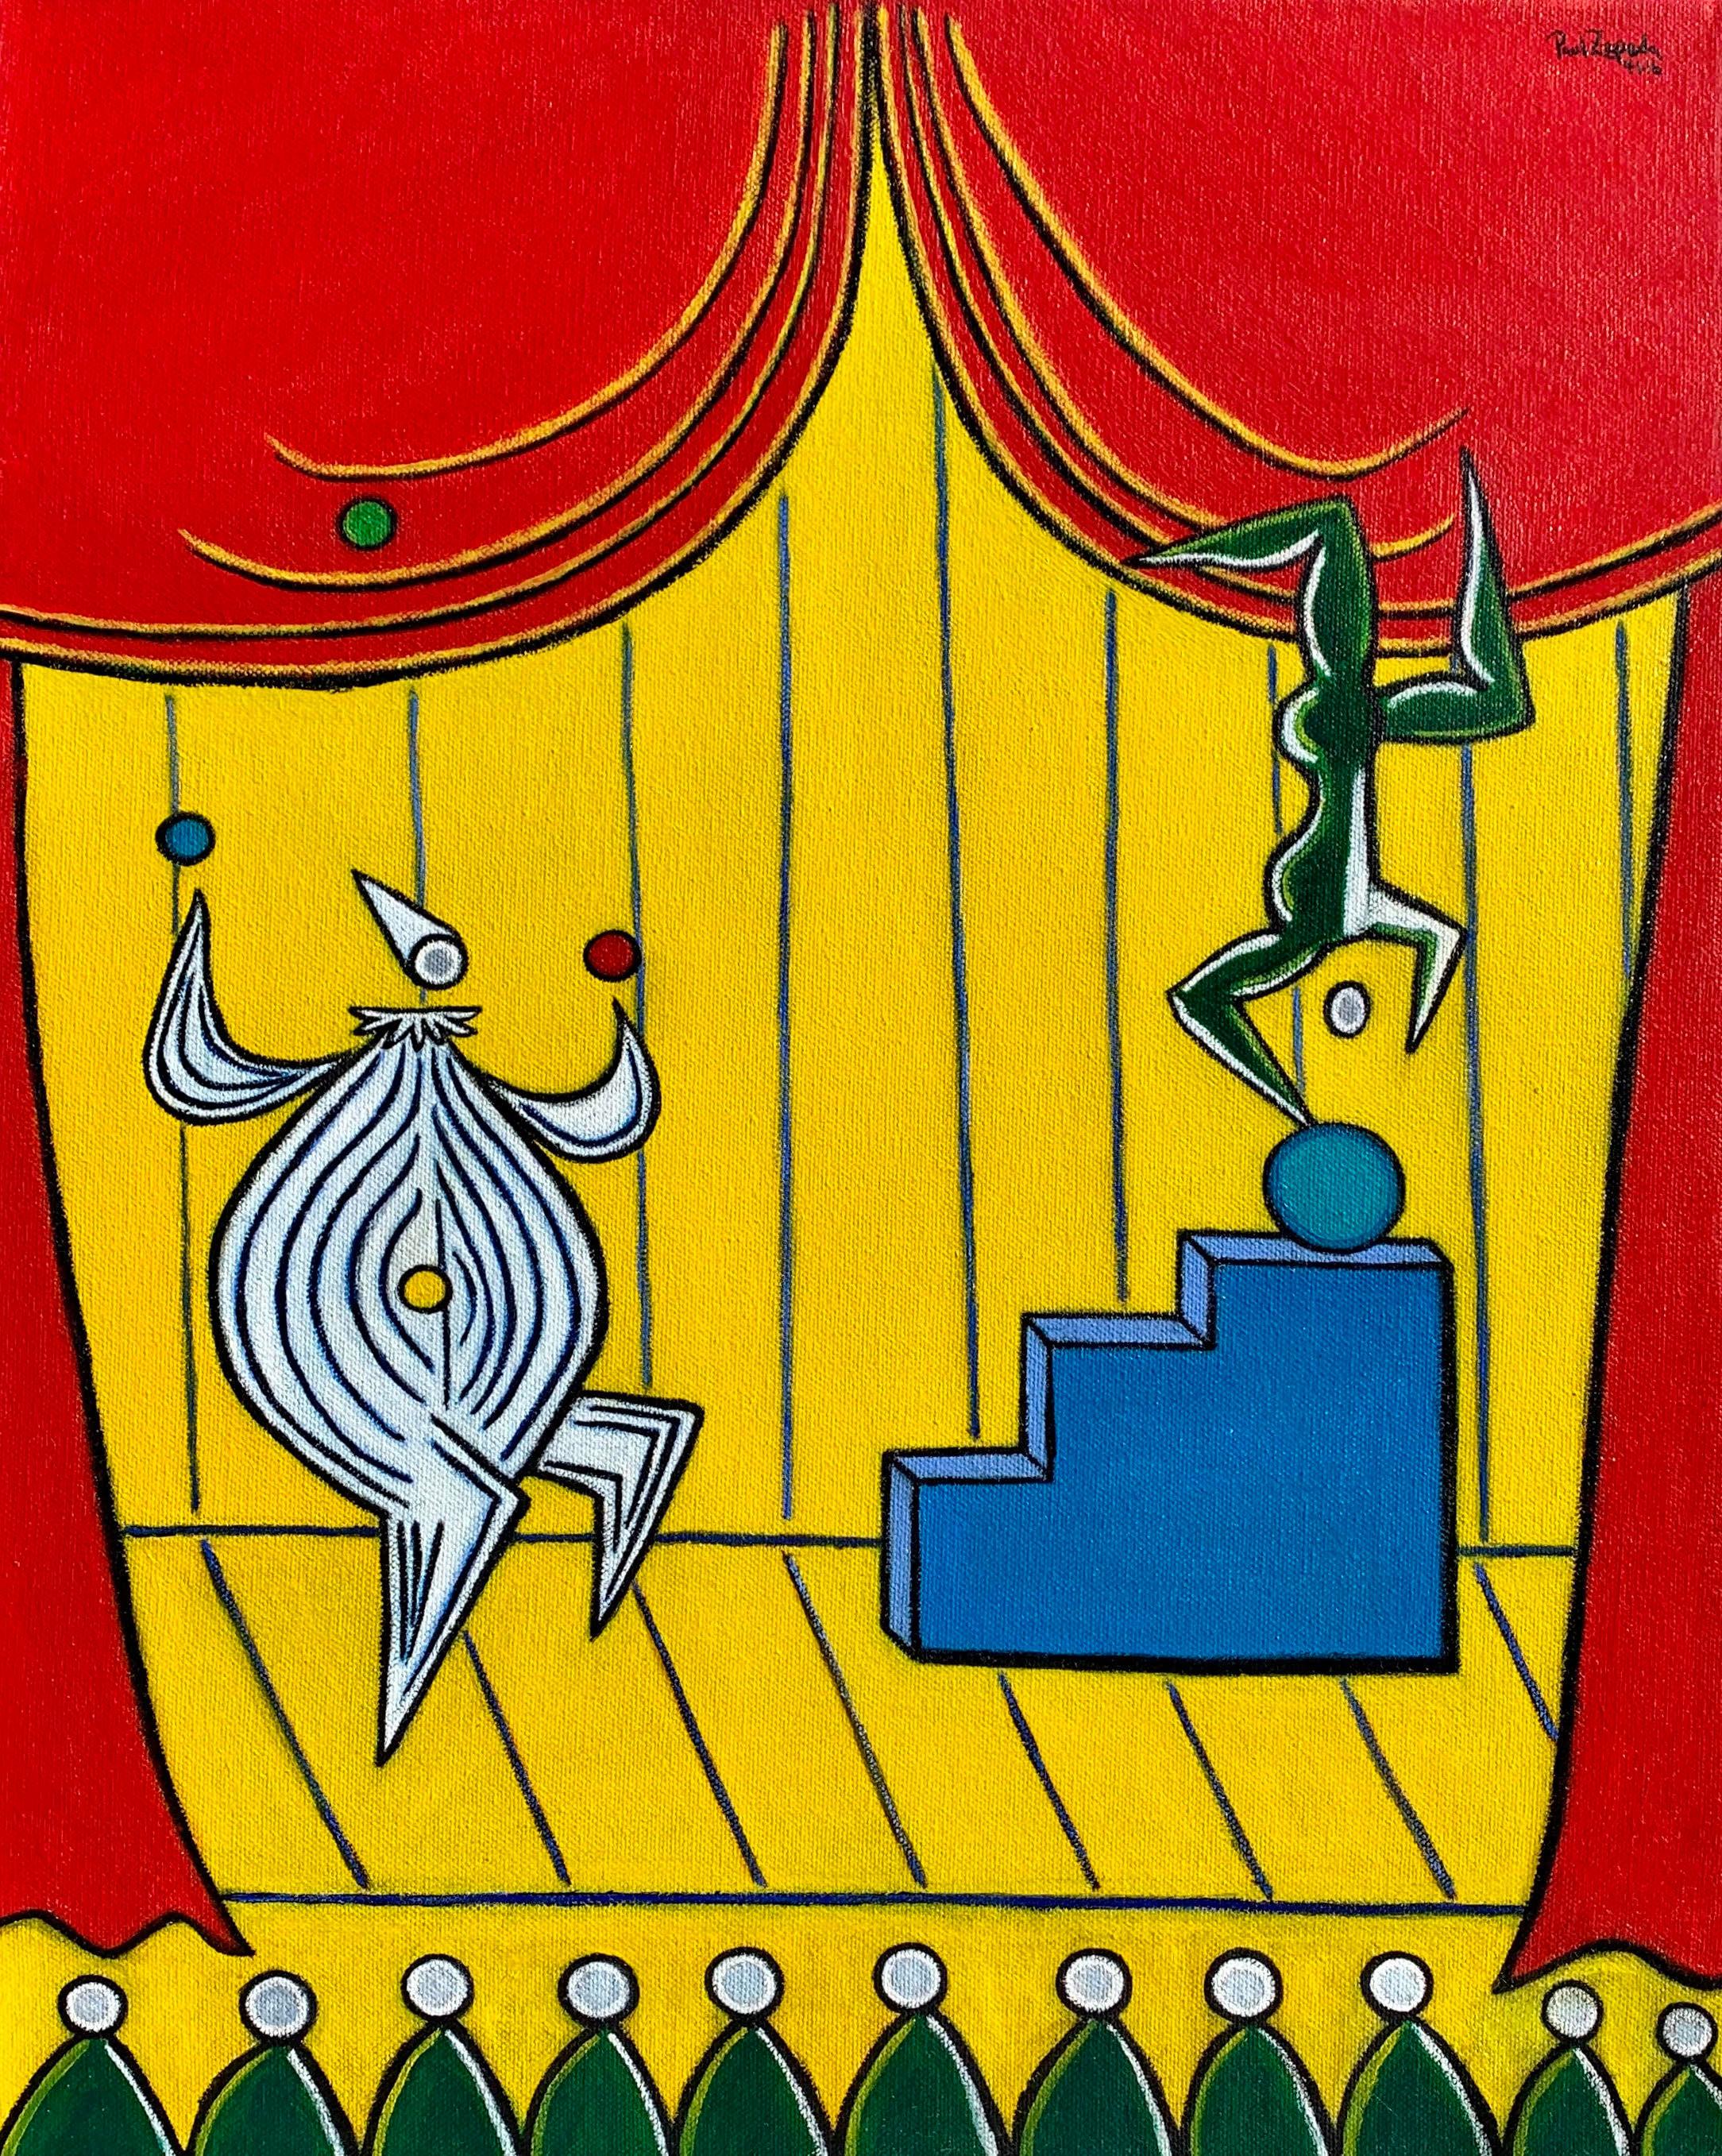 Cirque circus painting artist paul zepeda ceqczj